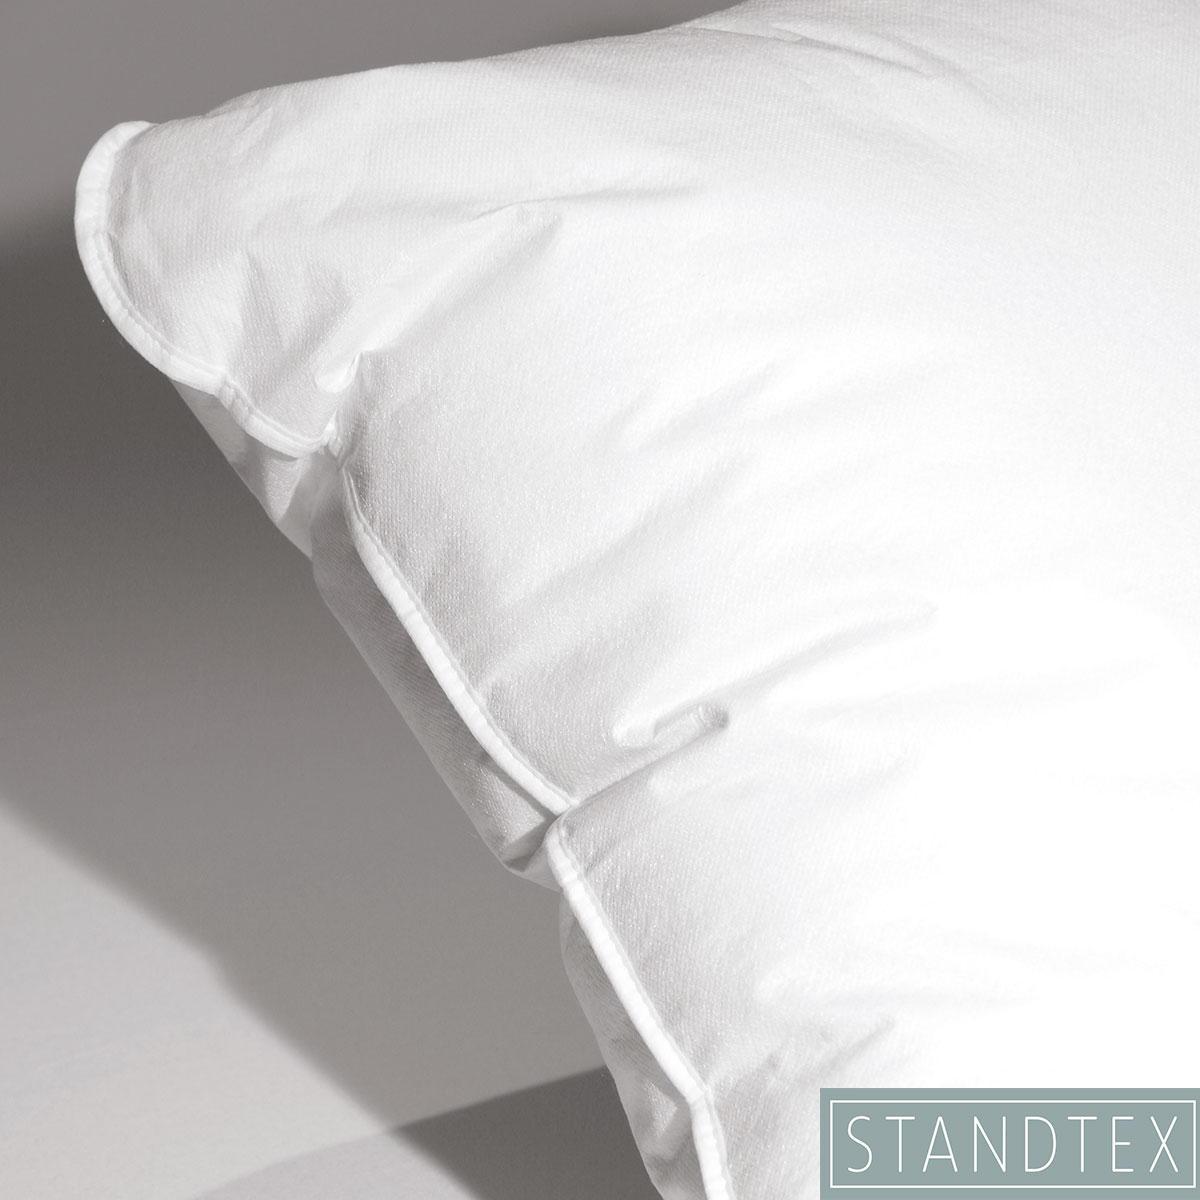 prot ge oreiller r nove avec glissi re standard textile. Black Bedroom Furniture Sets. Home Design Ideas